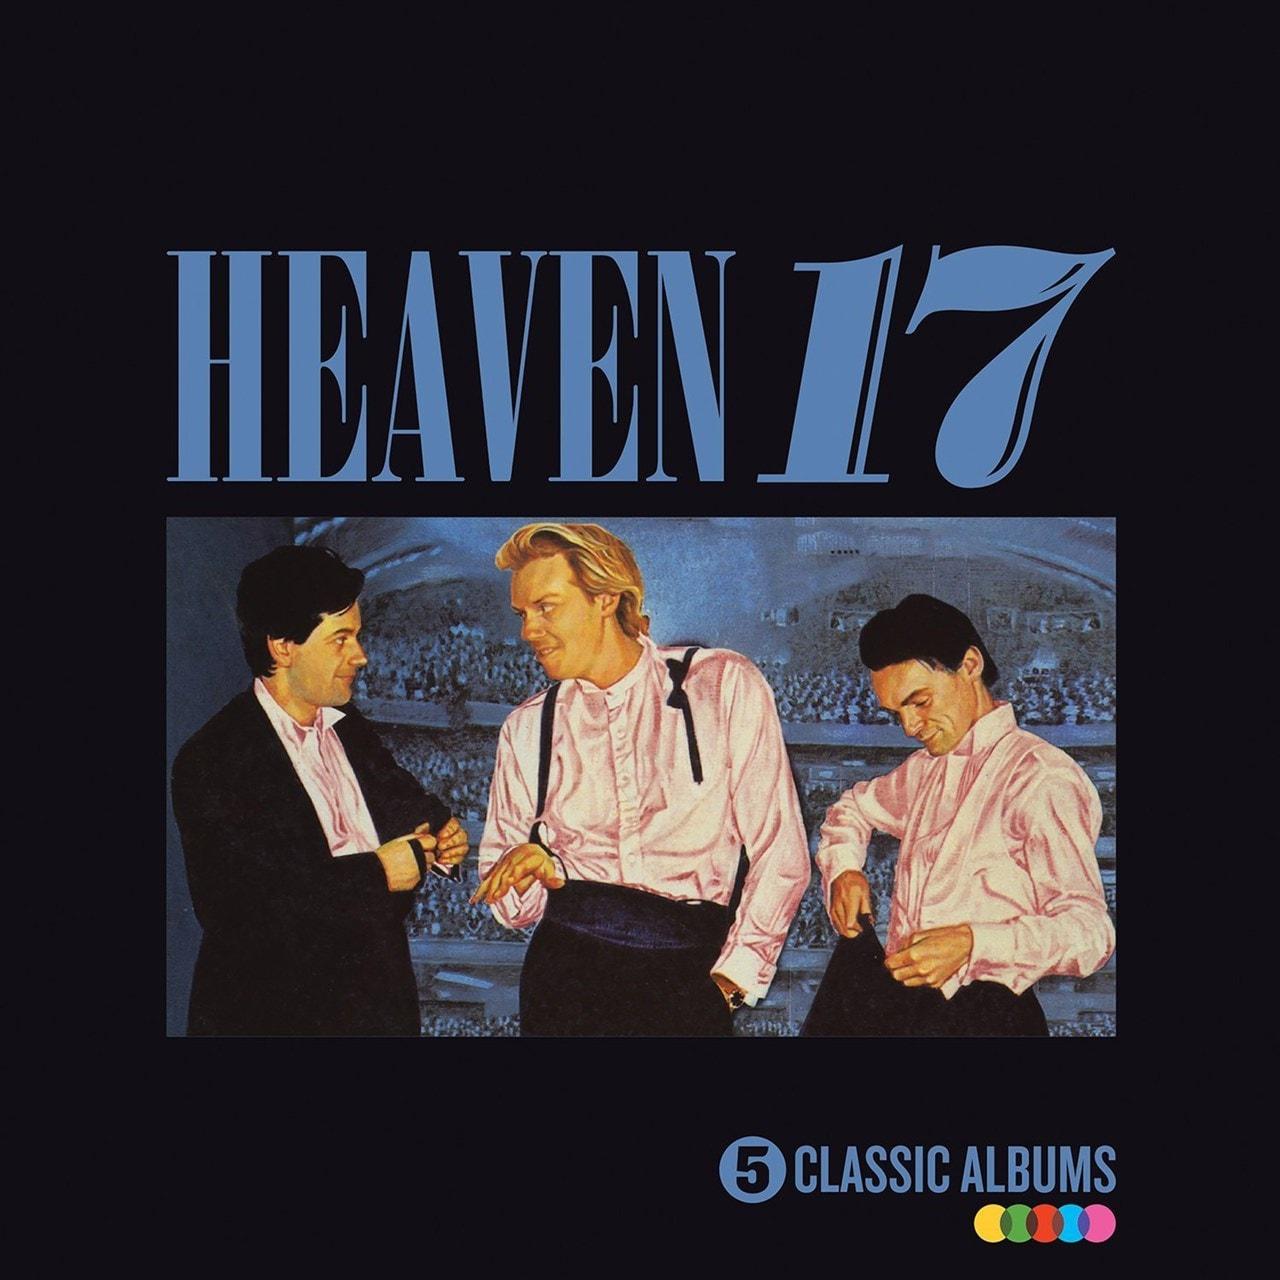 5 Classic Albums - 1